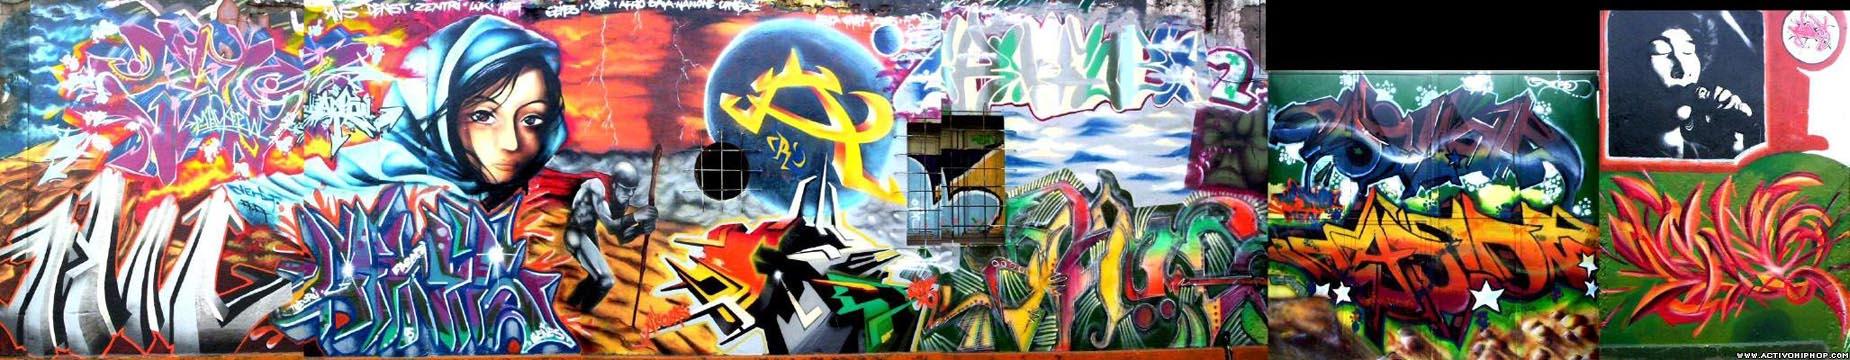 Activo Hip Hop - GRAFFITI: Denst - Página 1